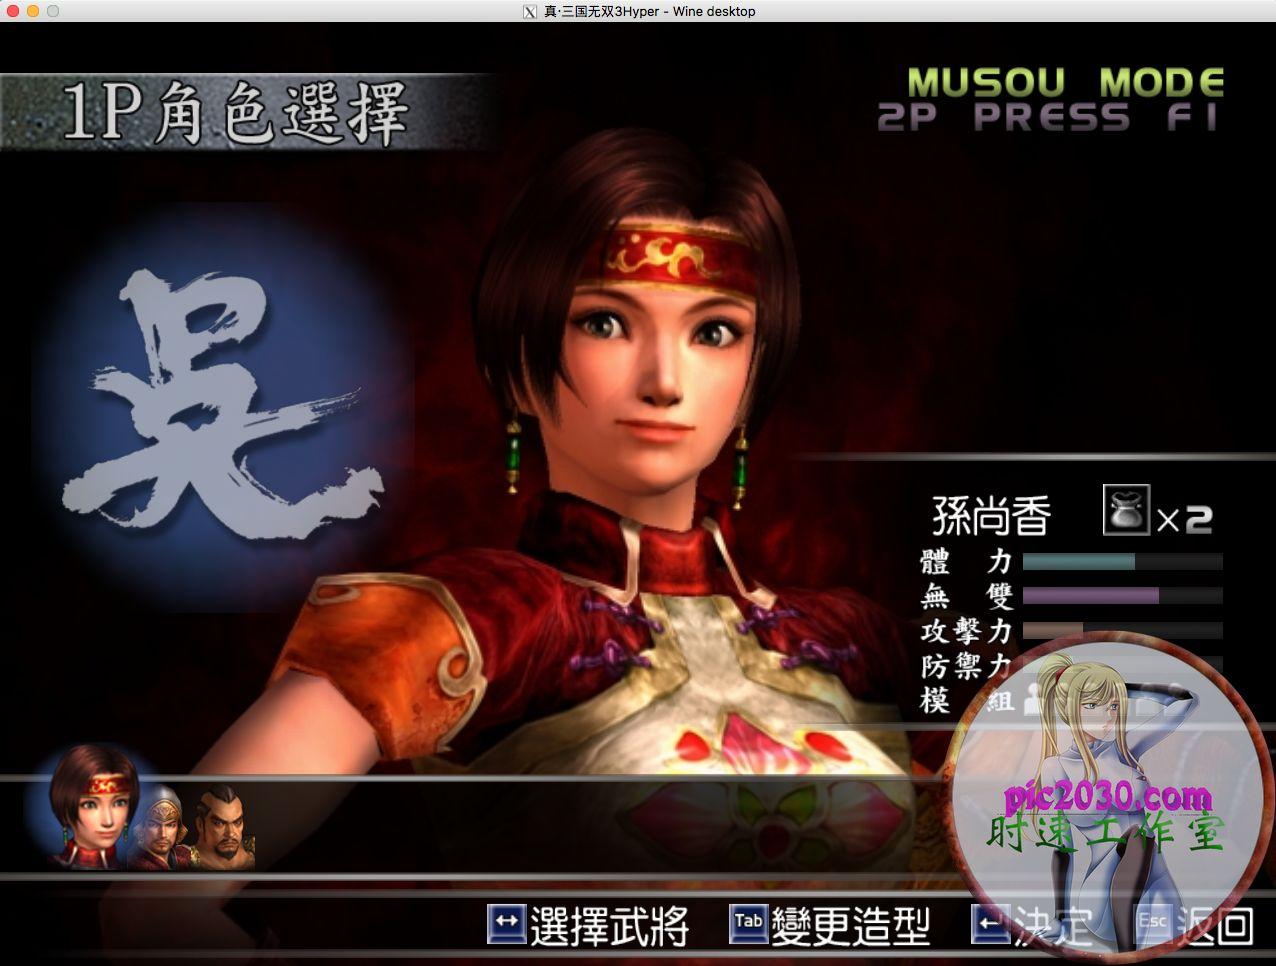 真·三国无双3Hyper MAC 苹果电脑游戏 繁体中文版 支援10.11 10.12 10.13 10.14